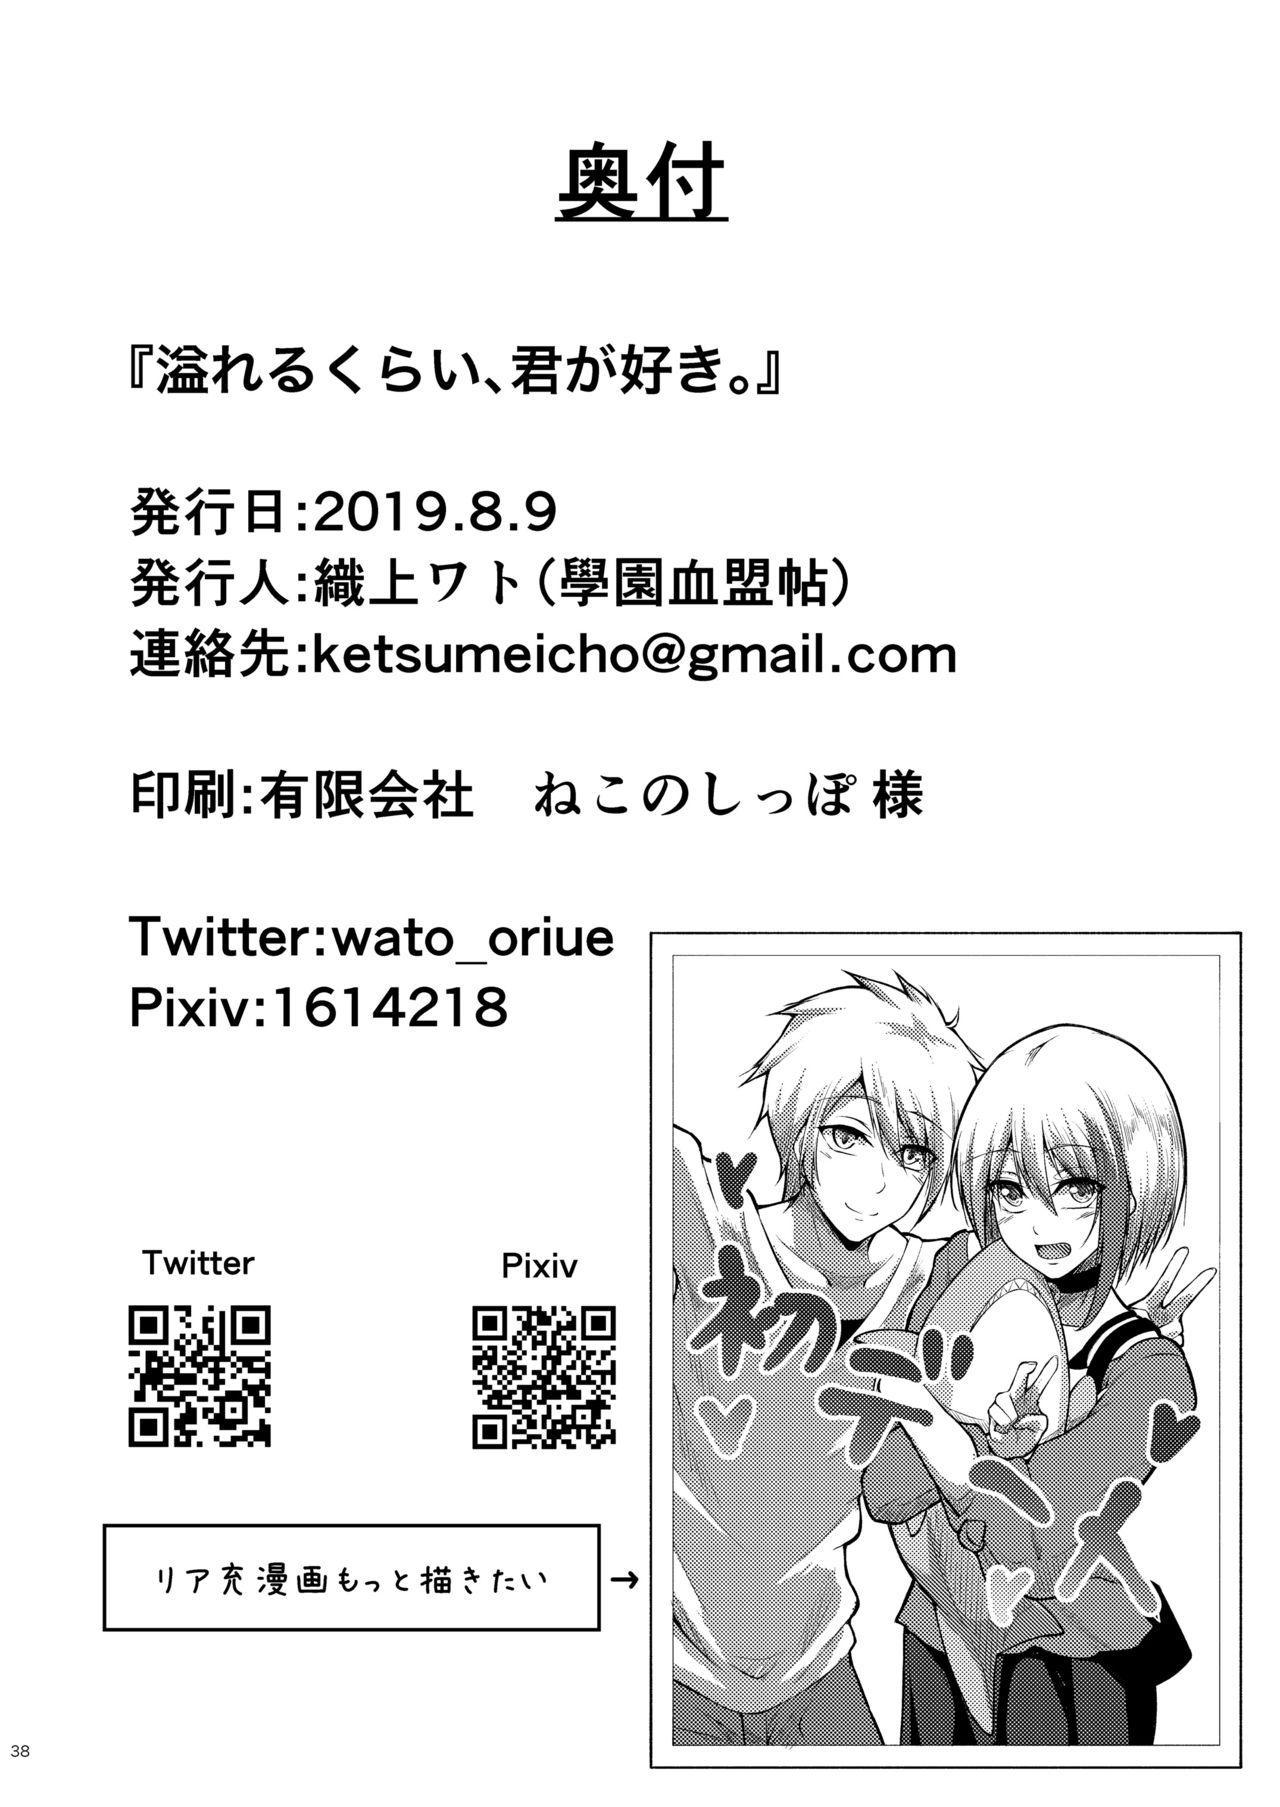 Afureru Kurai, Kimi ga Suki. 38